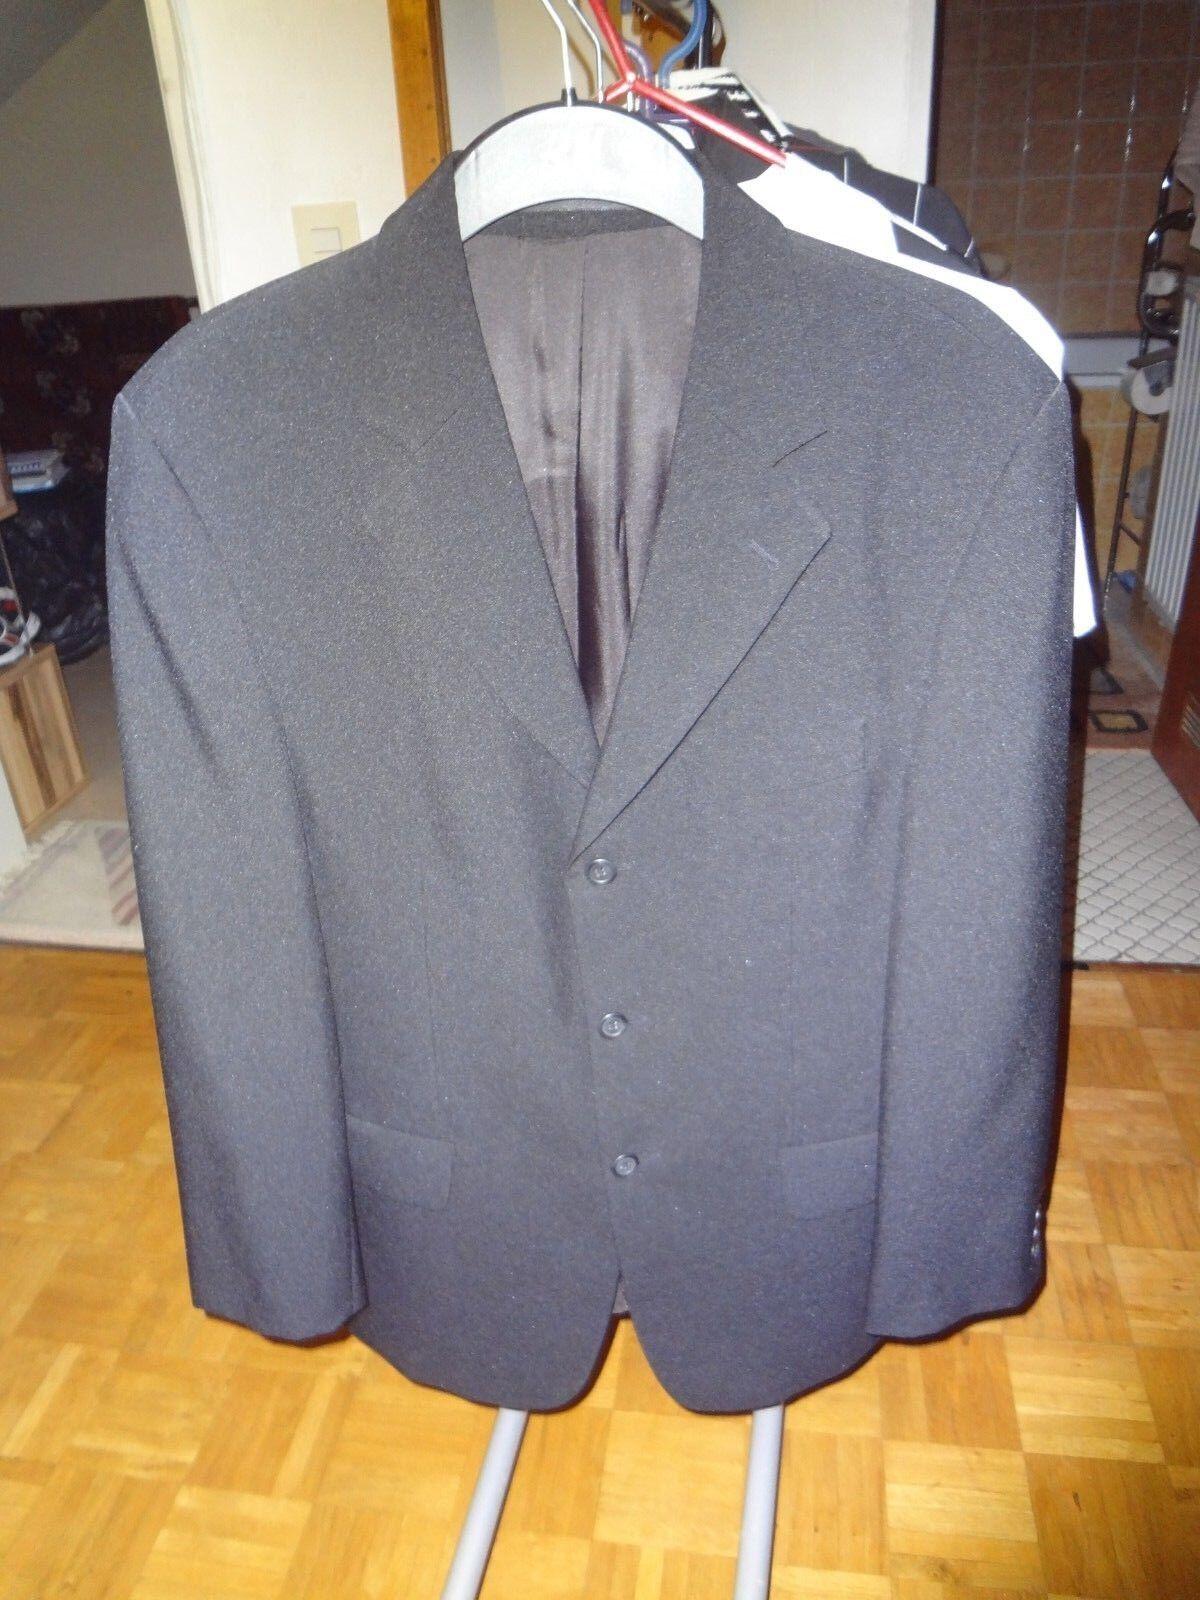 Herren Anzug Jake XL Bekleidung geschäft Geschäft office BüroBüro arbeit schwarz